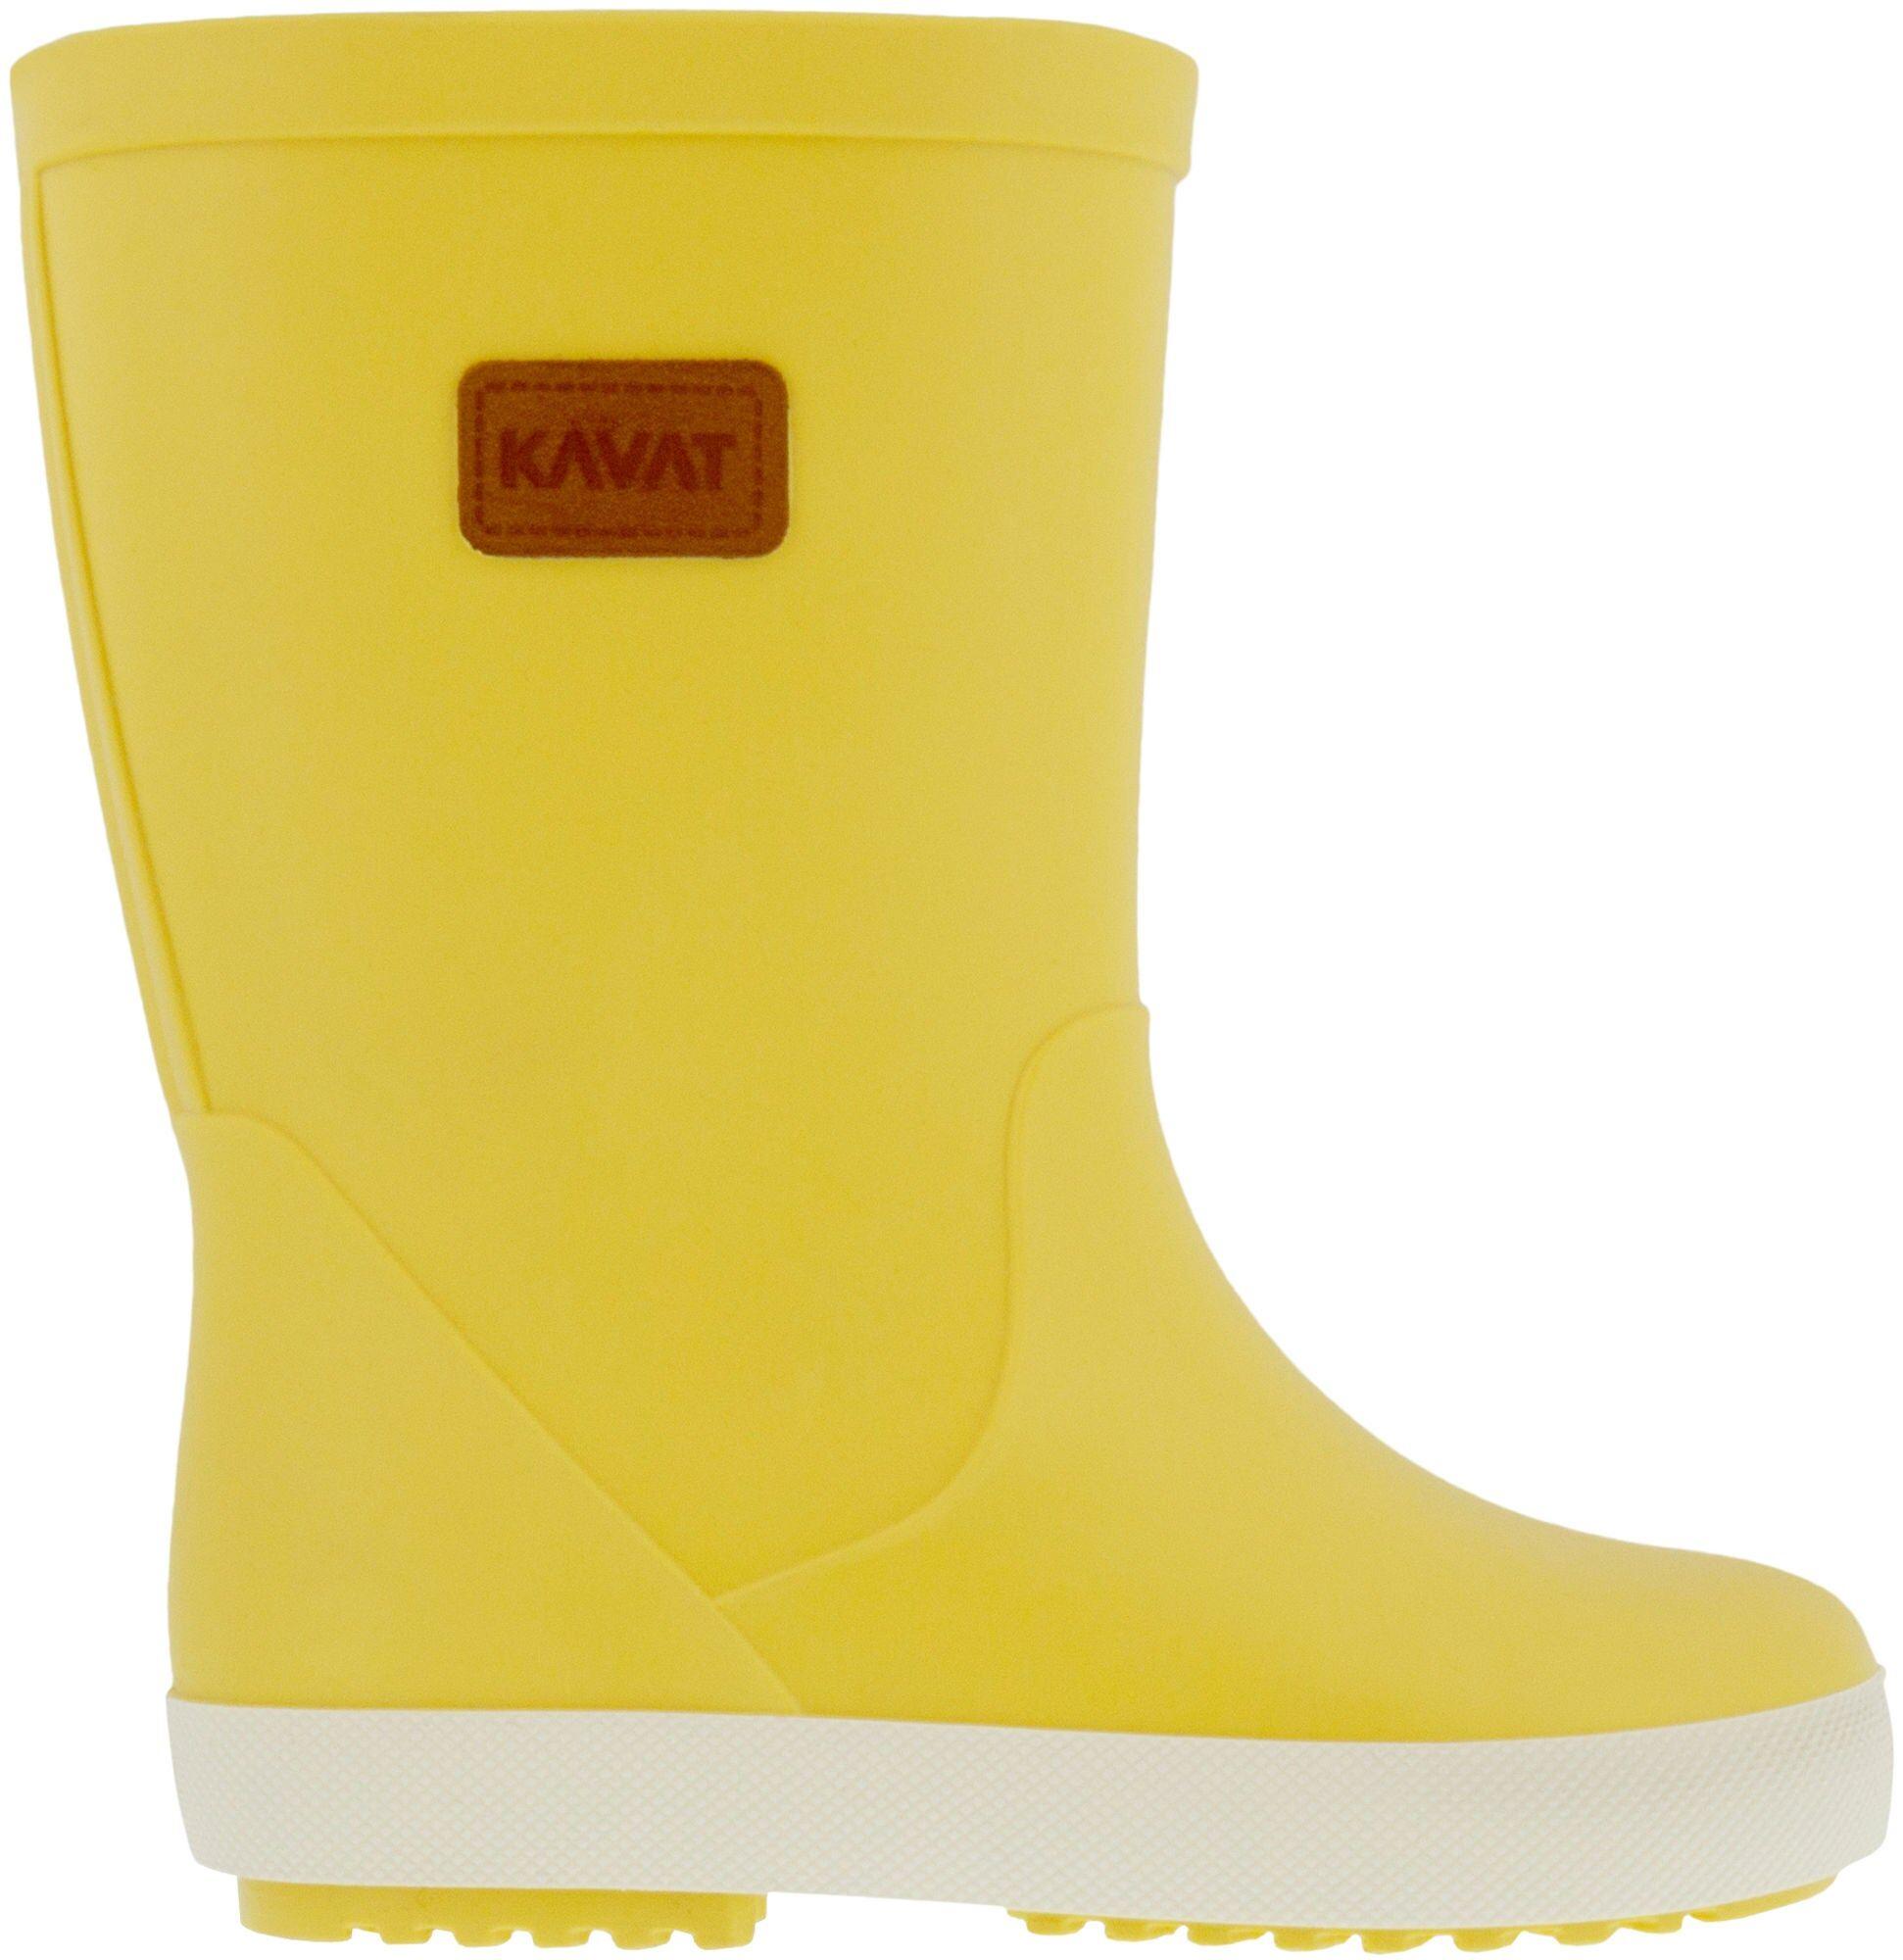 Kavat Skur WP Gummistøvel, Light Yellow 25